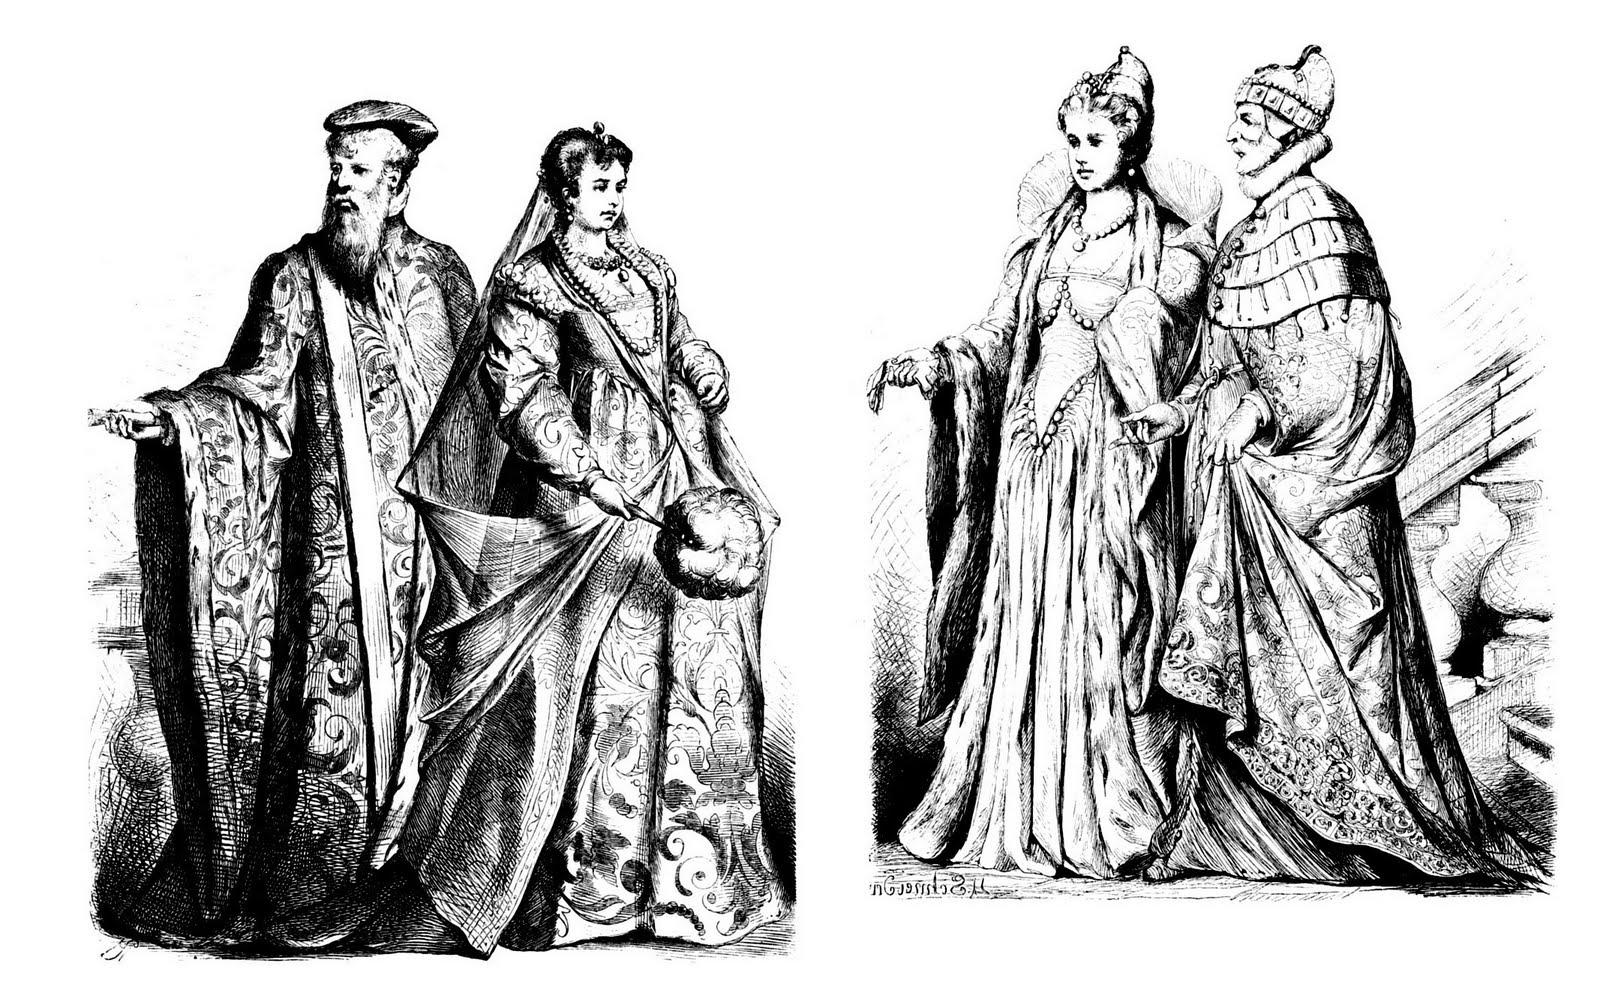 mujer espanola siglo xii: